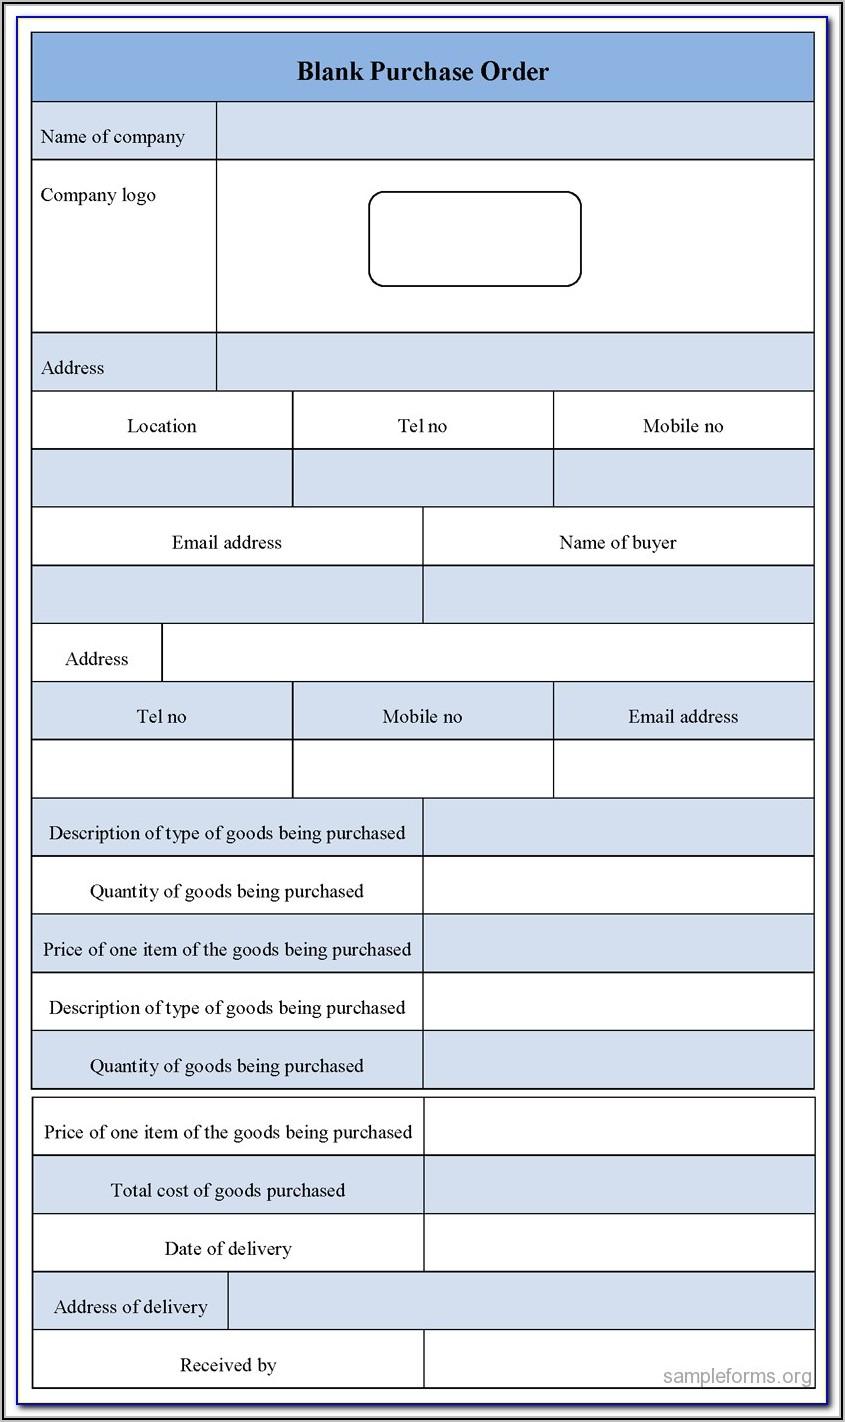 Idexx Online Order Form